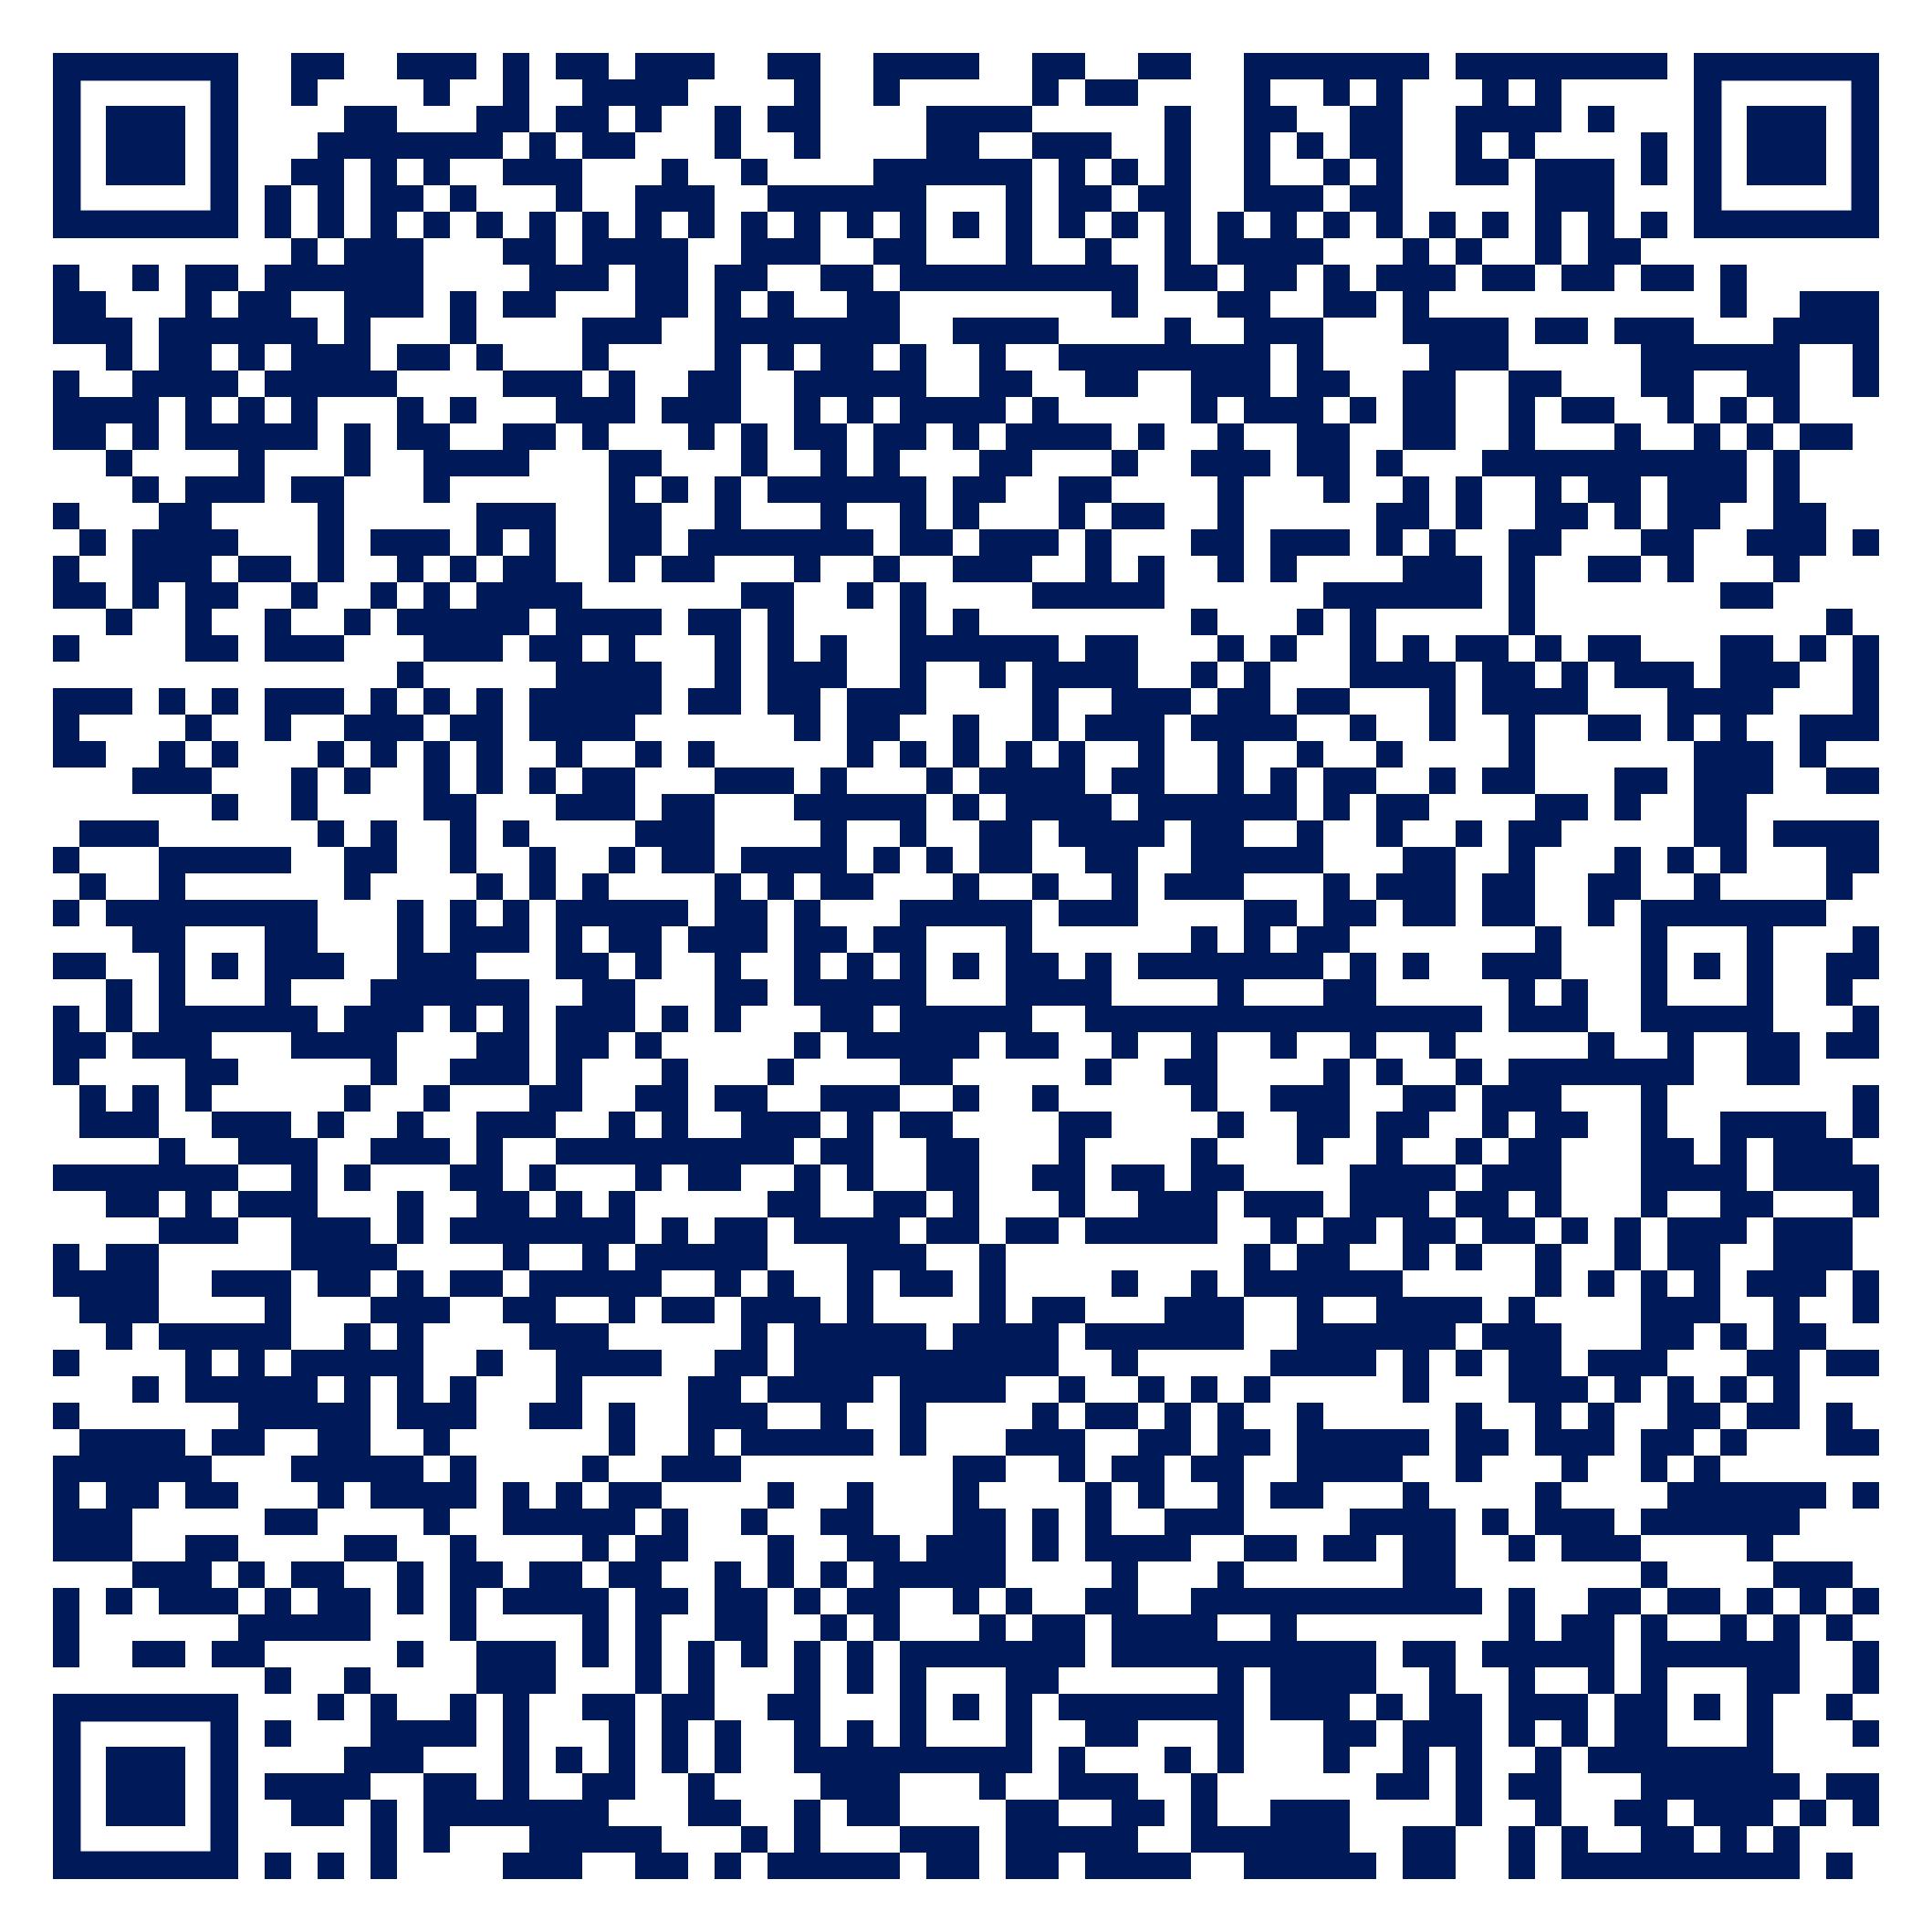 Escaneá el código QR